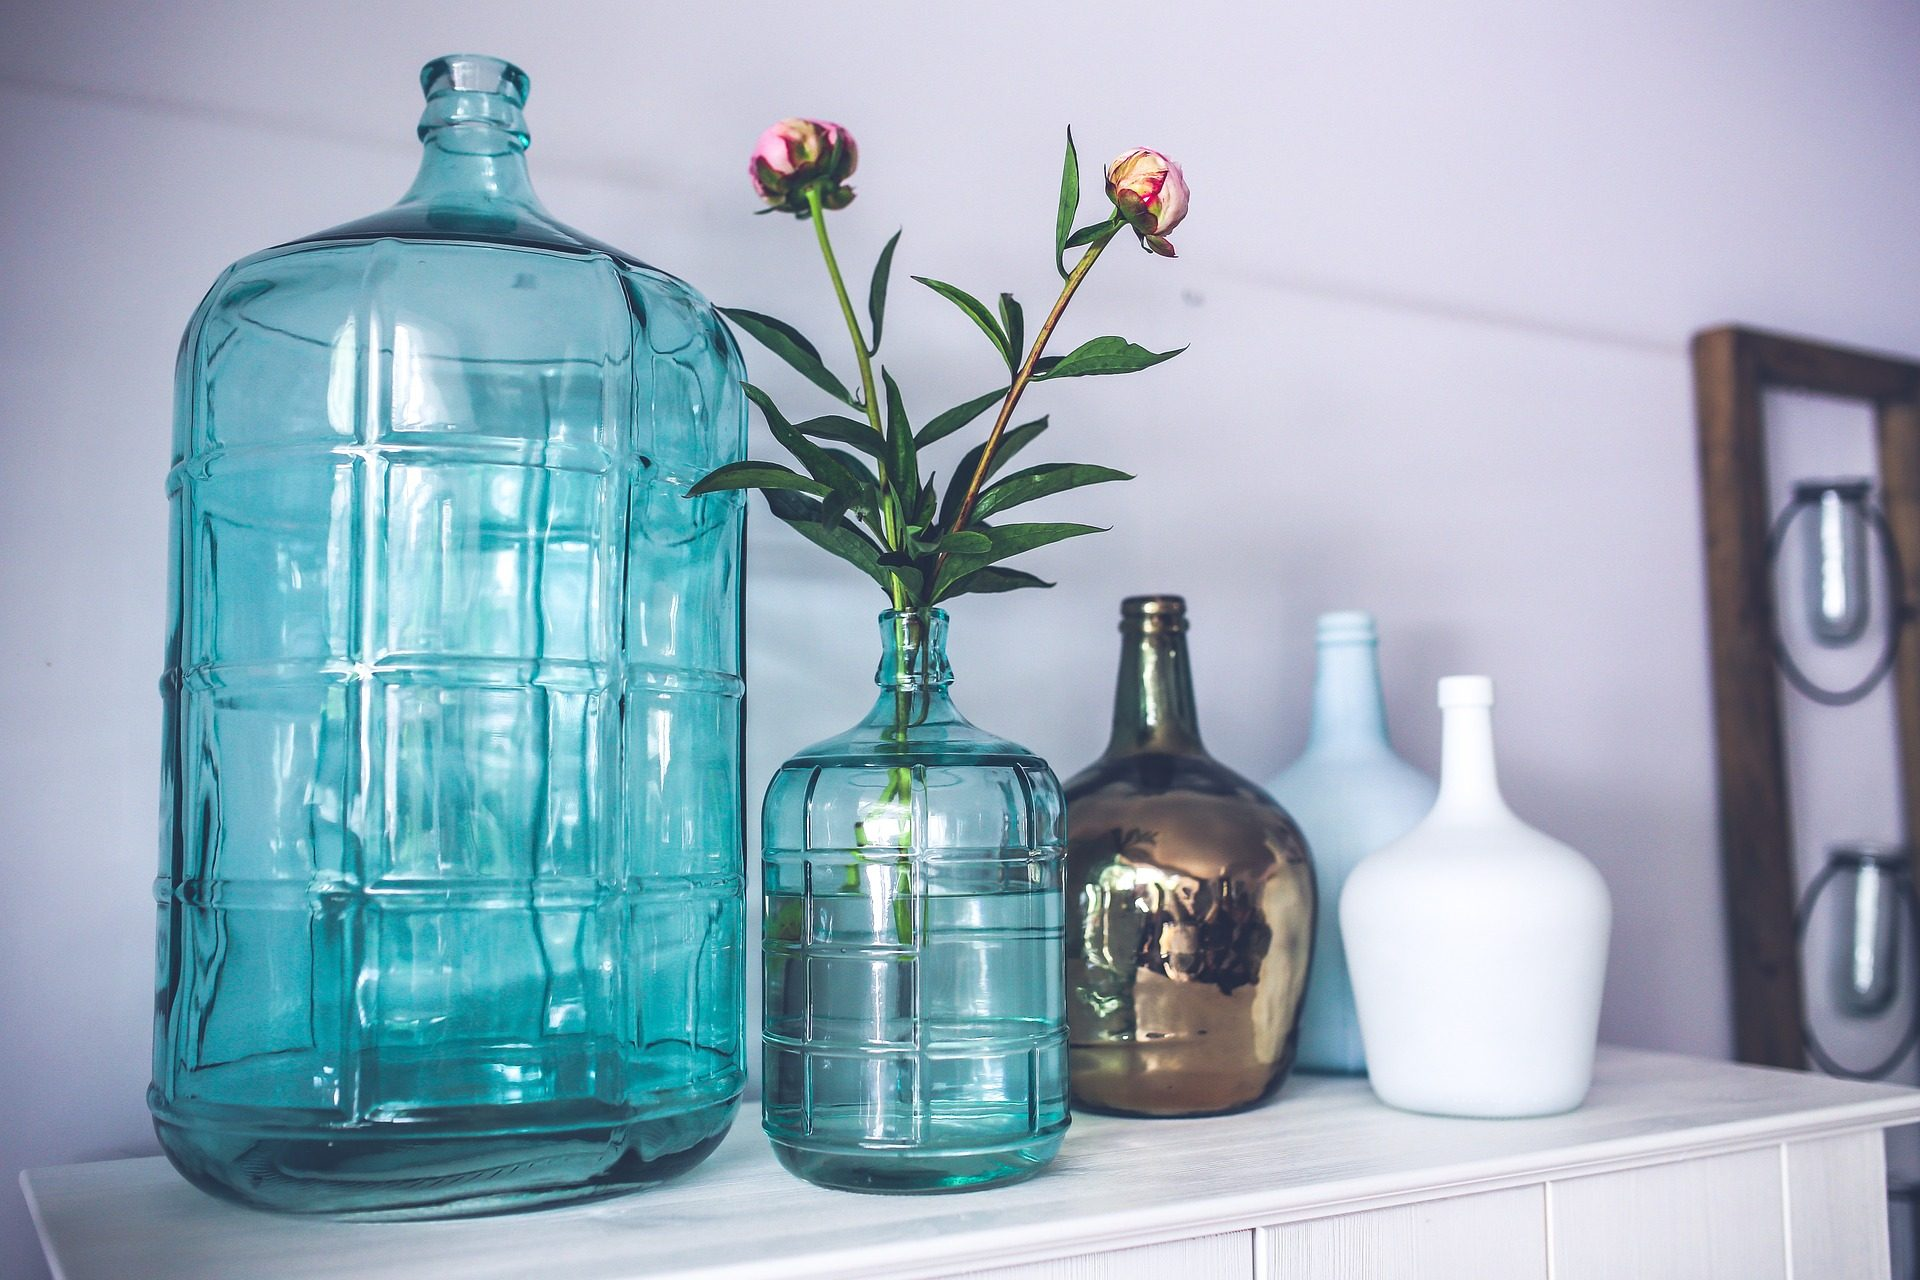 ボトル, 花瓶, 植物, 花, シーンズ, クリスタル - HD の壁紙 - 教授-falken.com